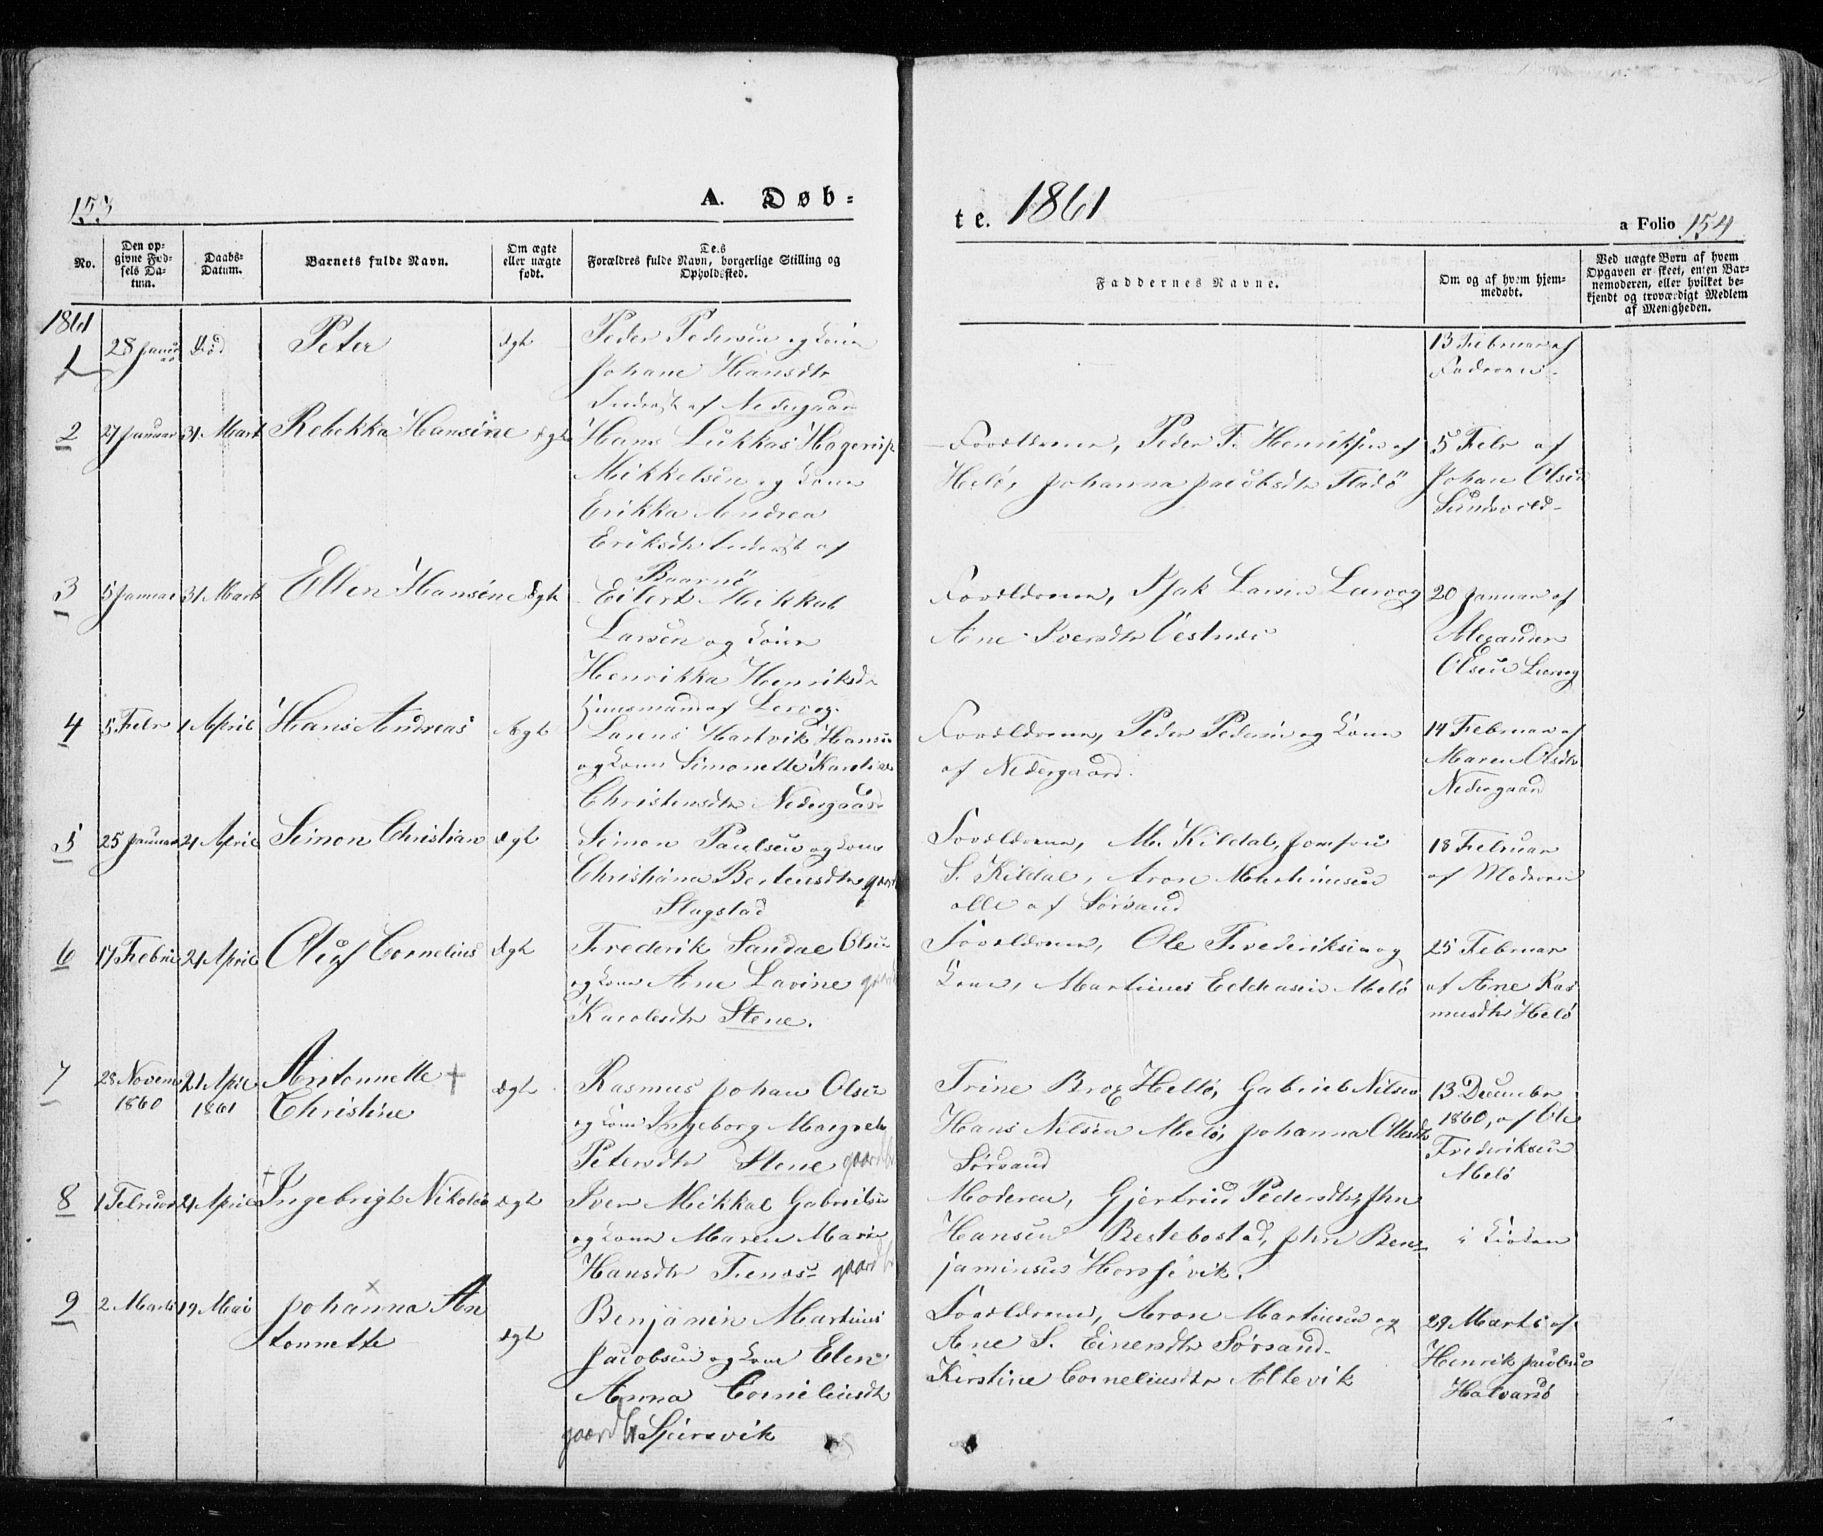 SATØ, Trondenes sokneprestkontor, H/Ha/L0010kirke: Ministerialbok nr. 10, 1840-1865, s. 153-154